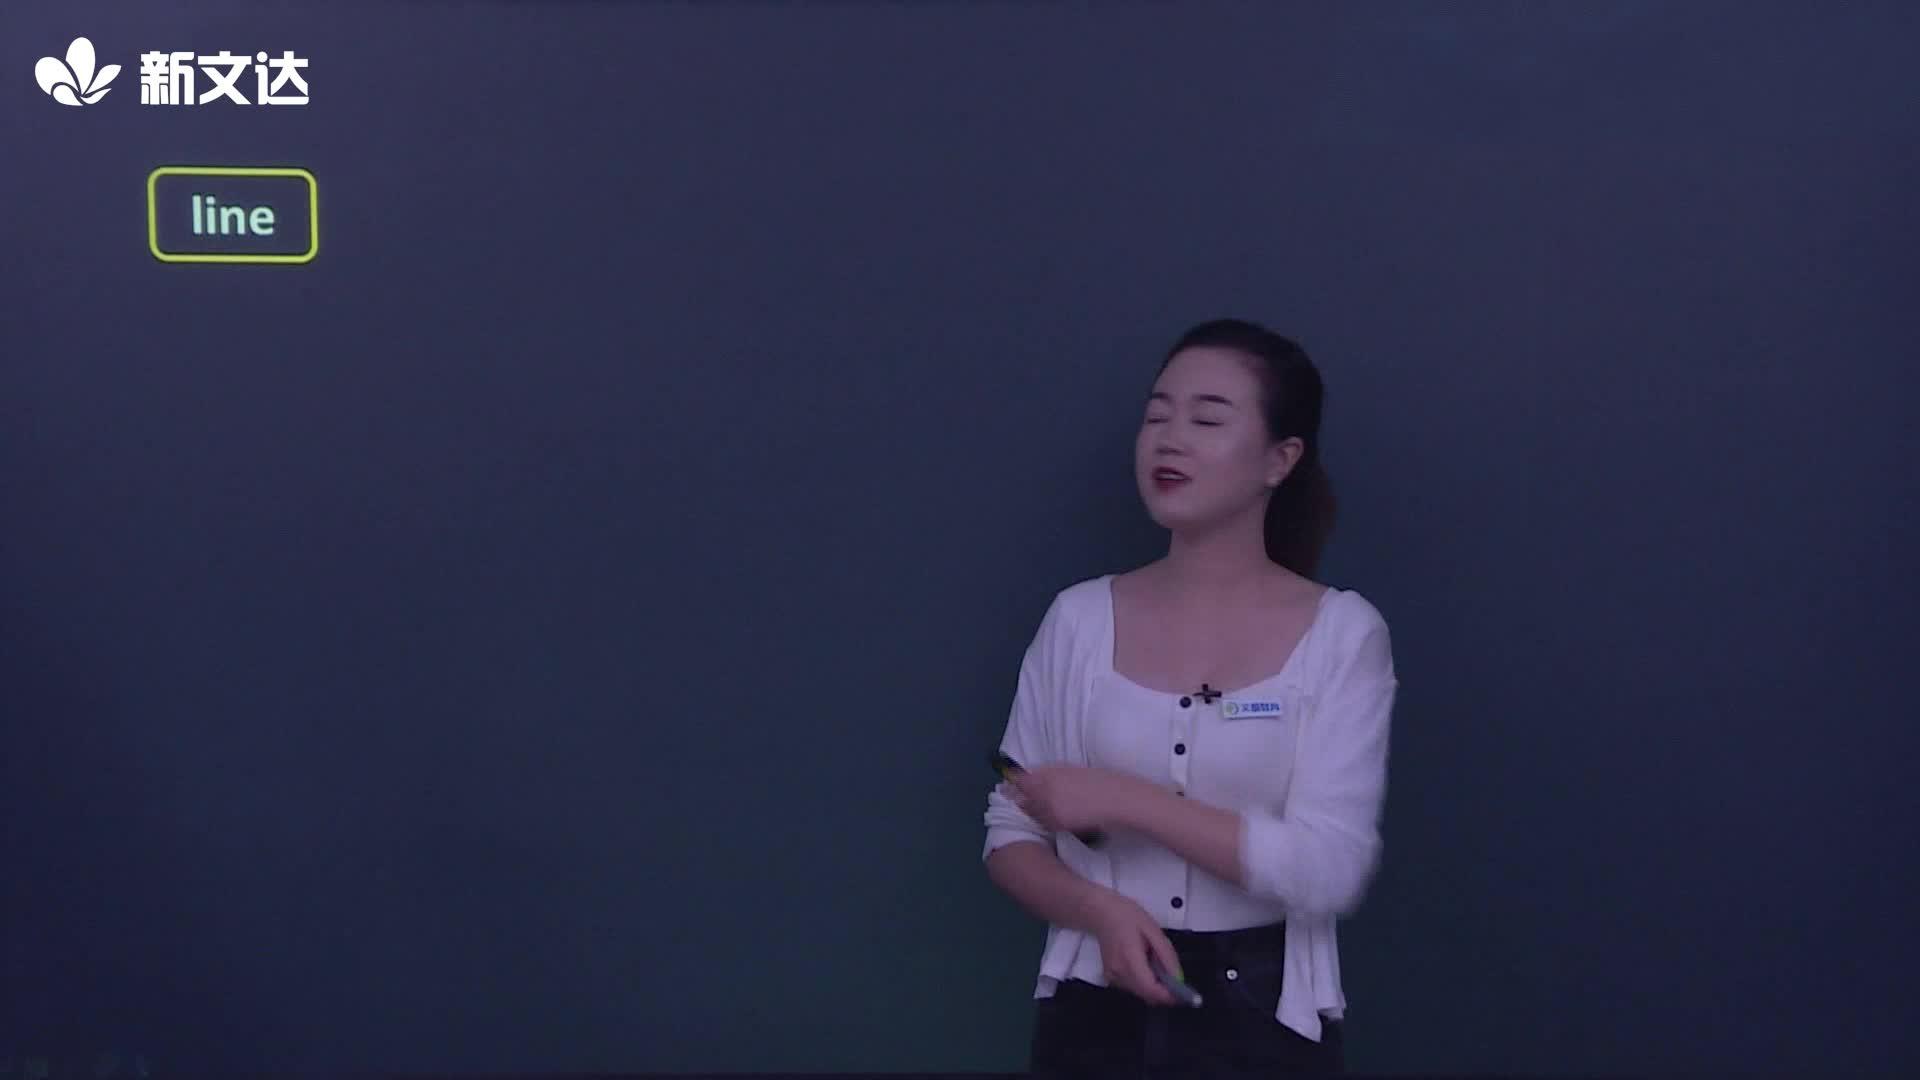 【限时折扣】第15课-【单词大王高中英语】高考英语3500词